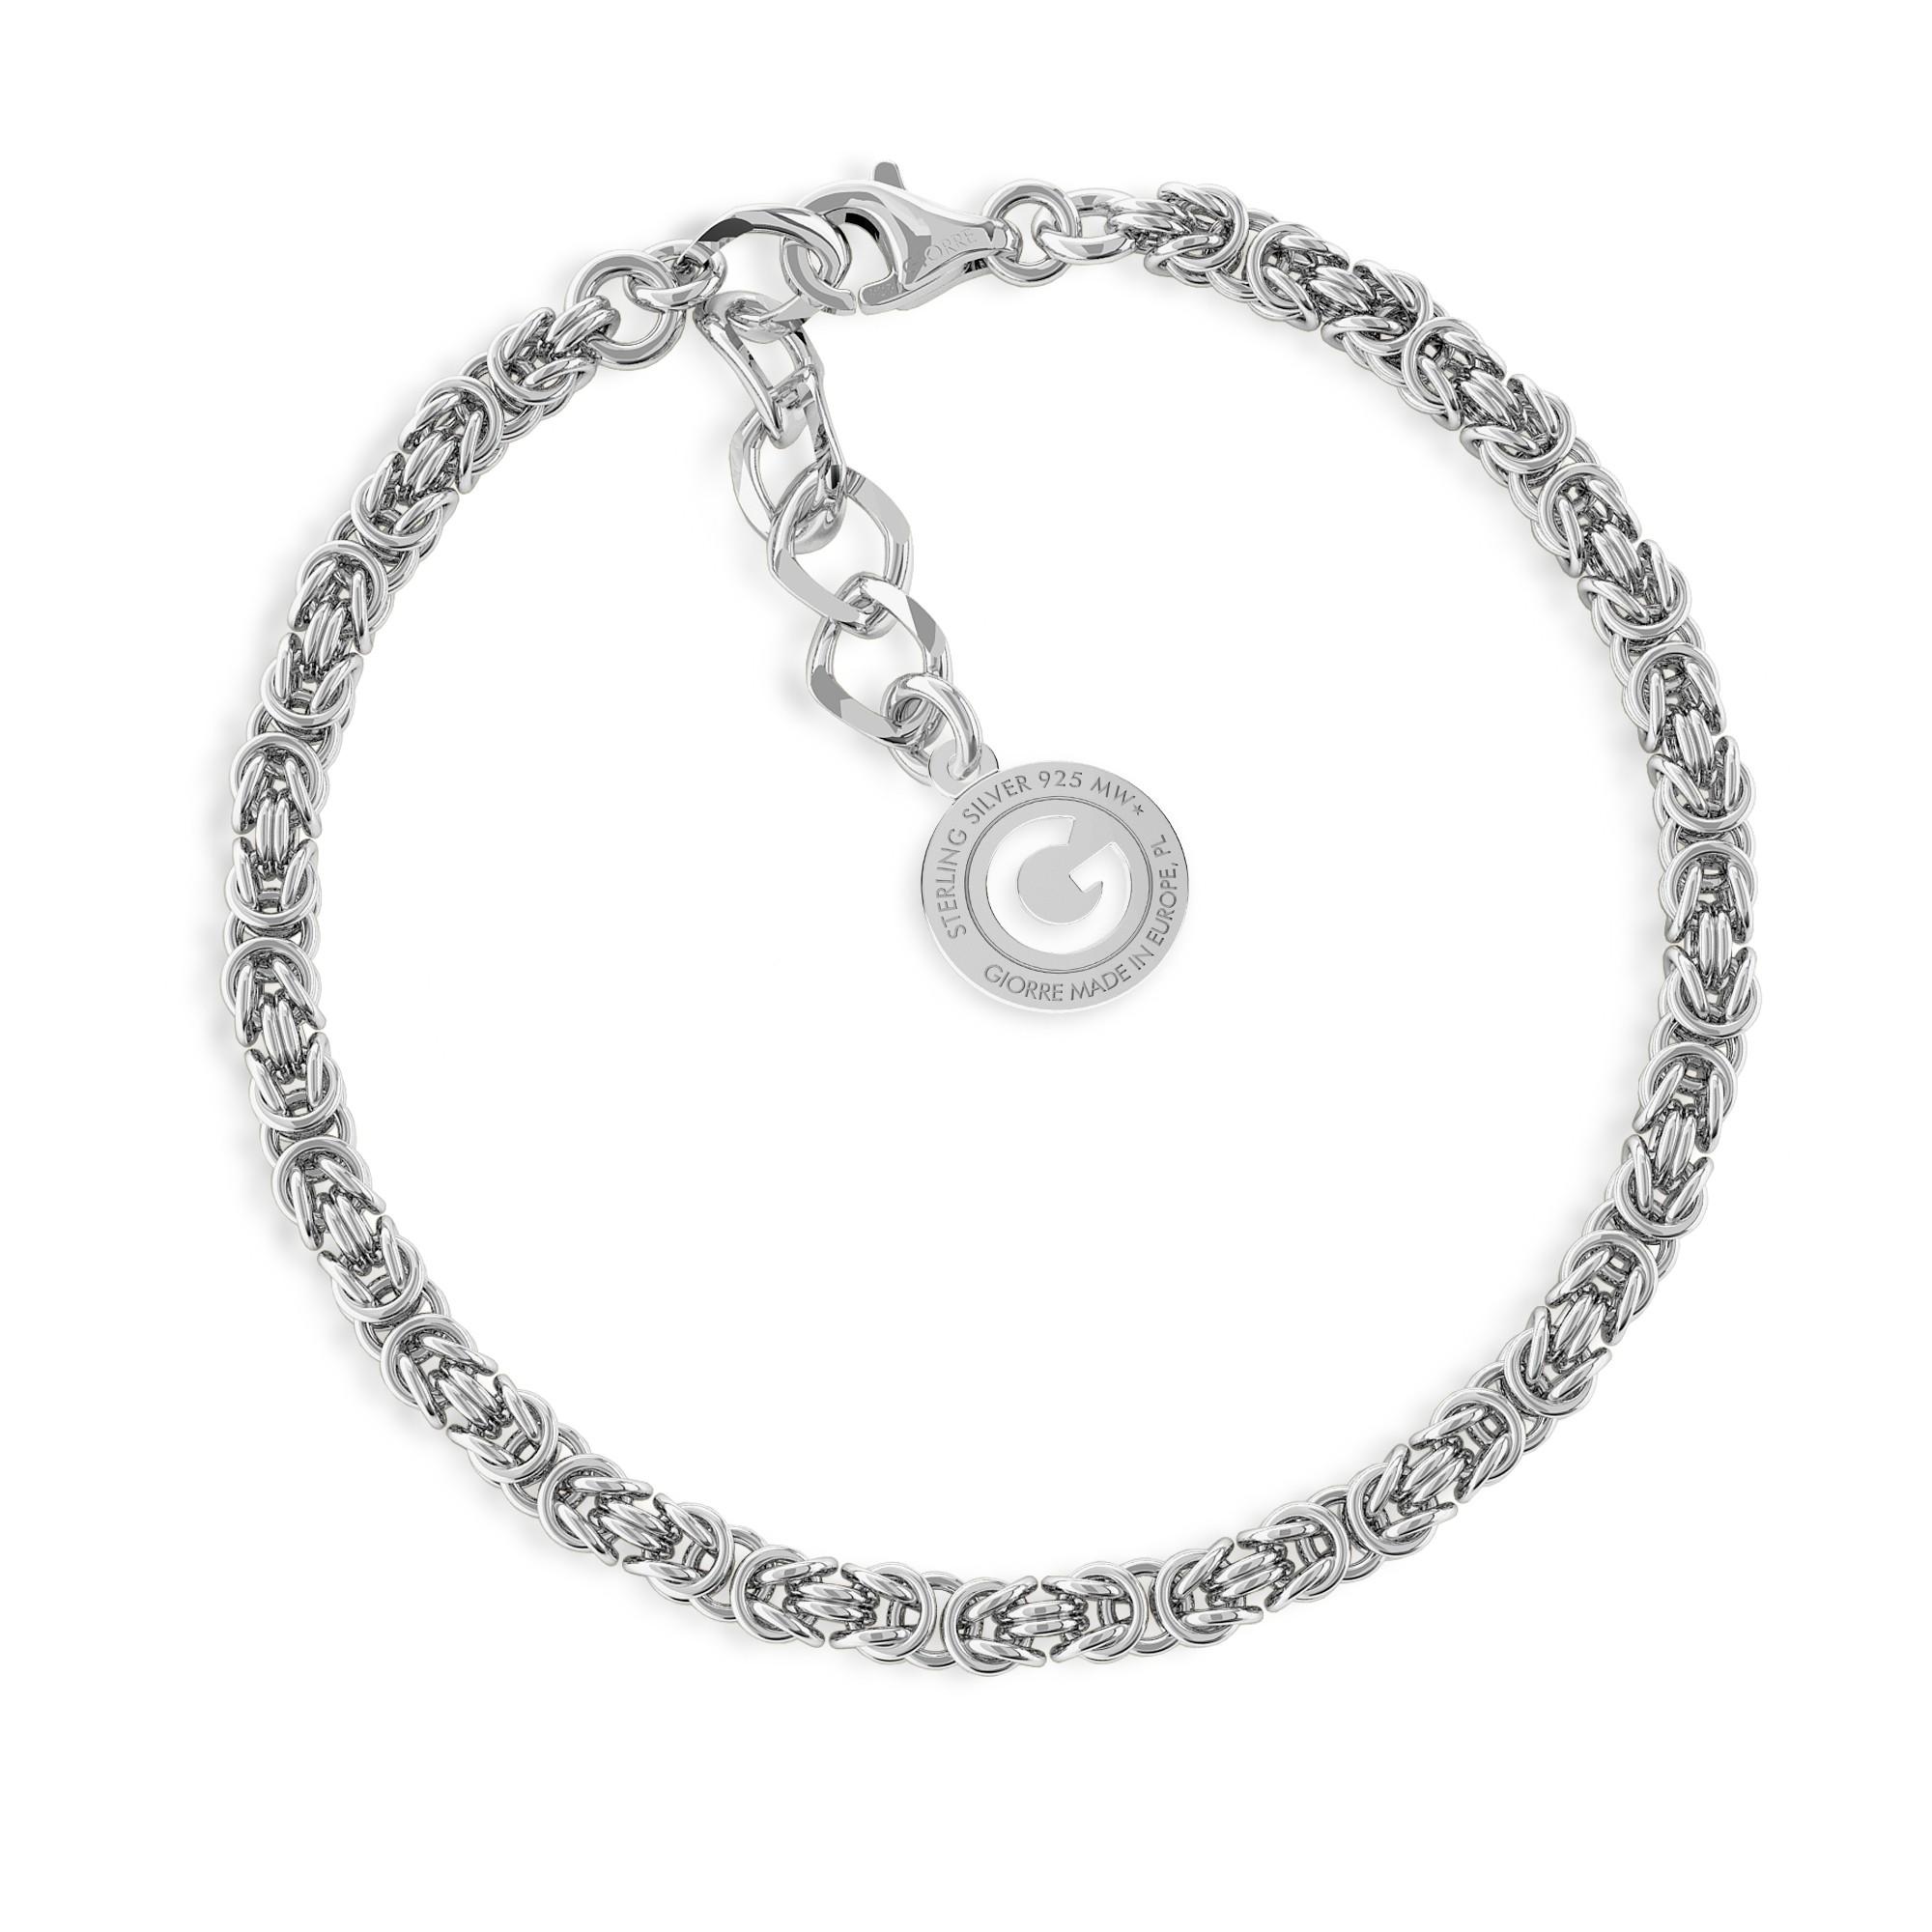 Ręcznie składana bransoletka splot królewski, bizantyna srebro 925